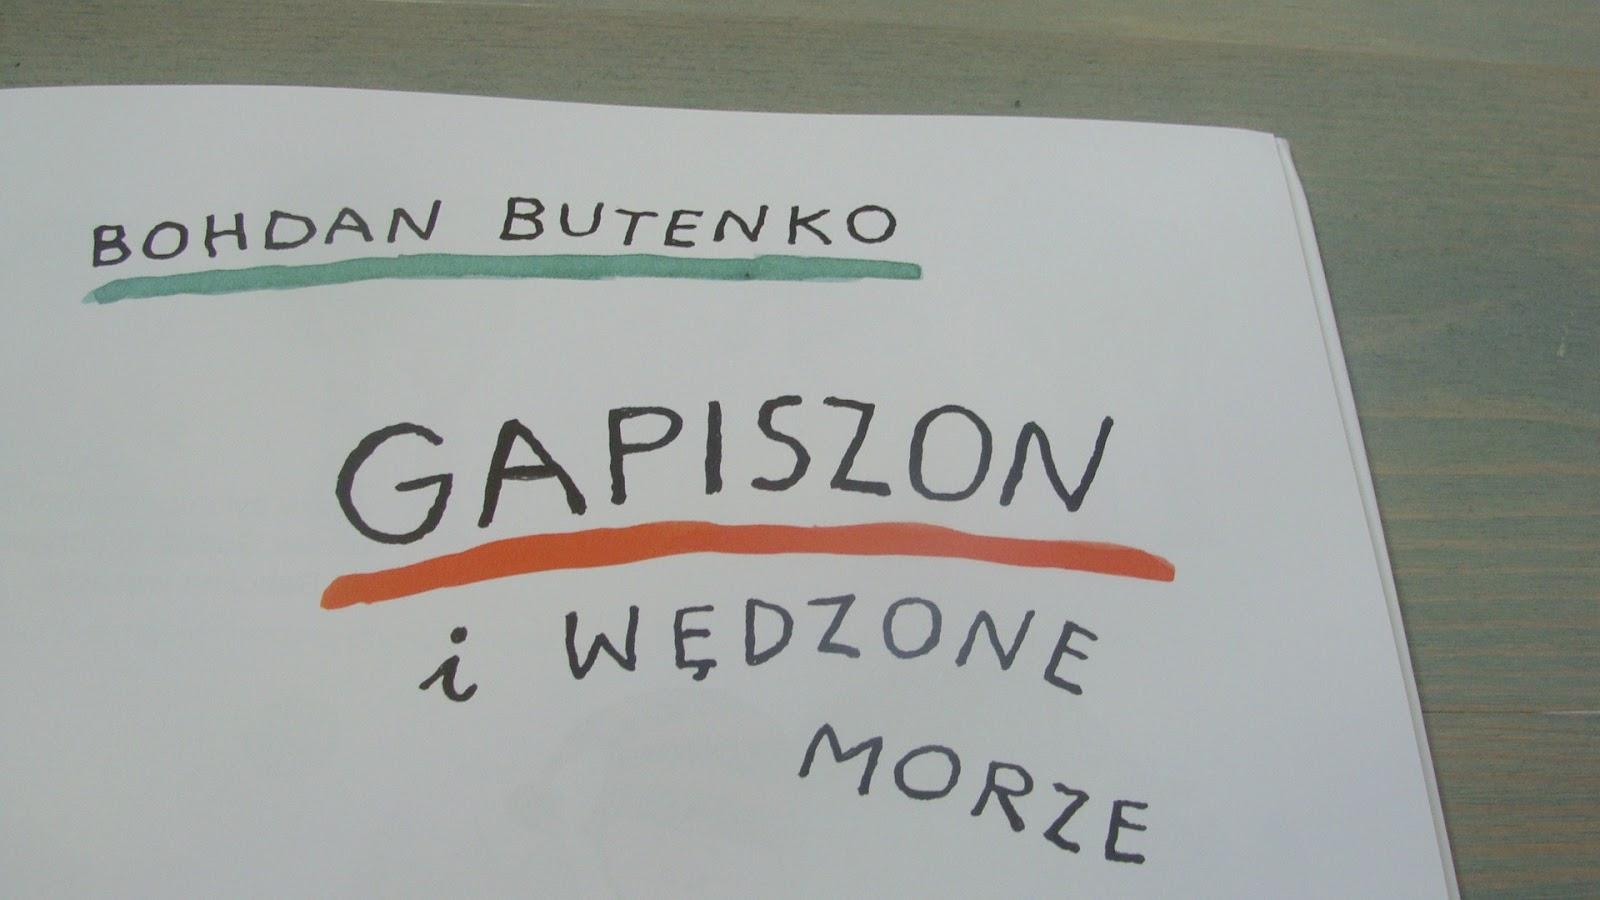 Mała duża historia o jutrze, Gapiszon i wędzone morze, wydawnictwo dreams